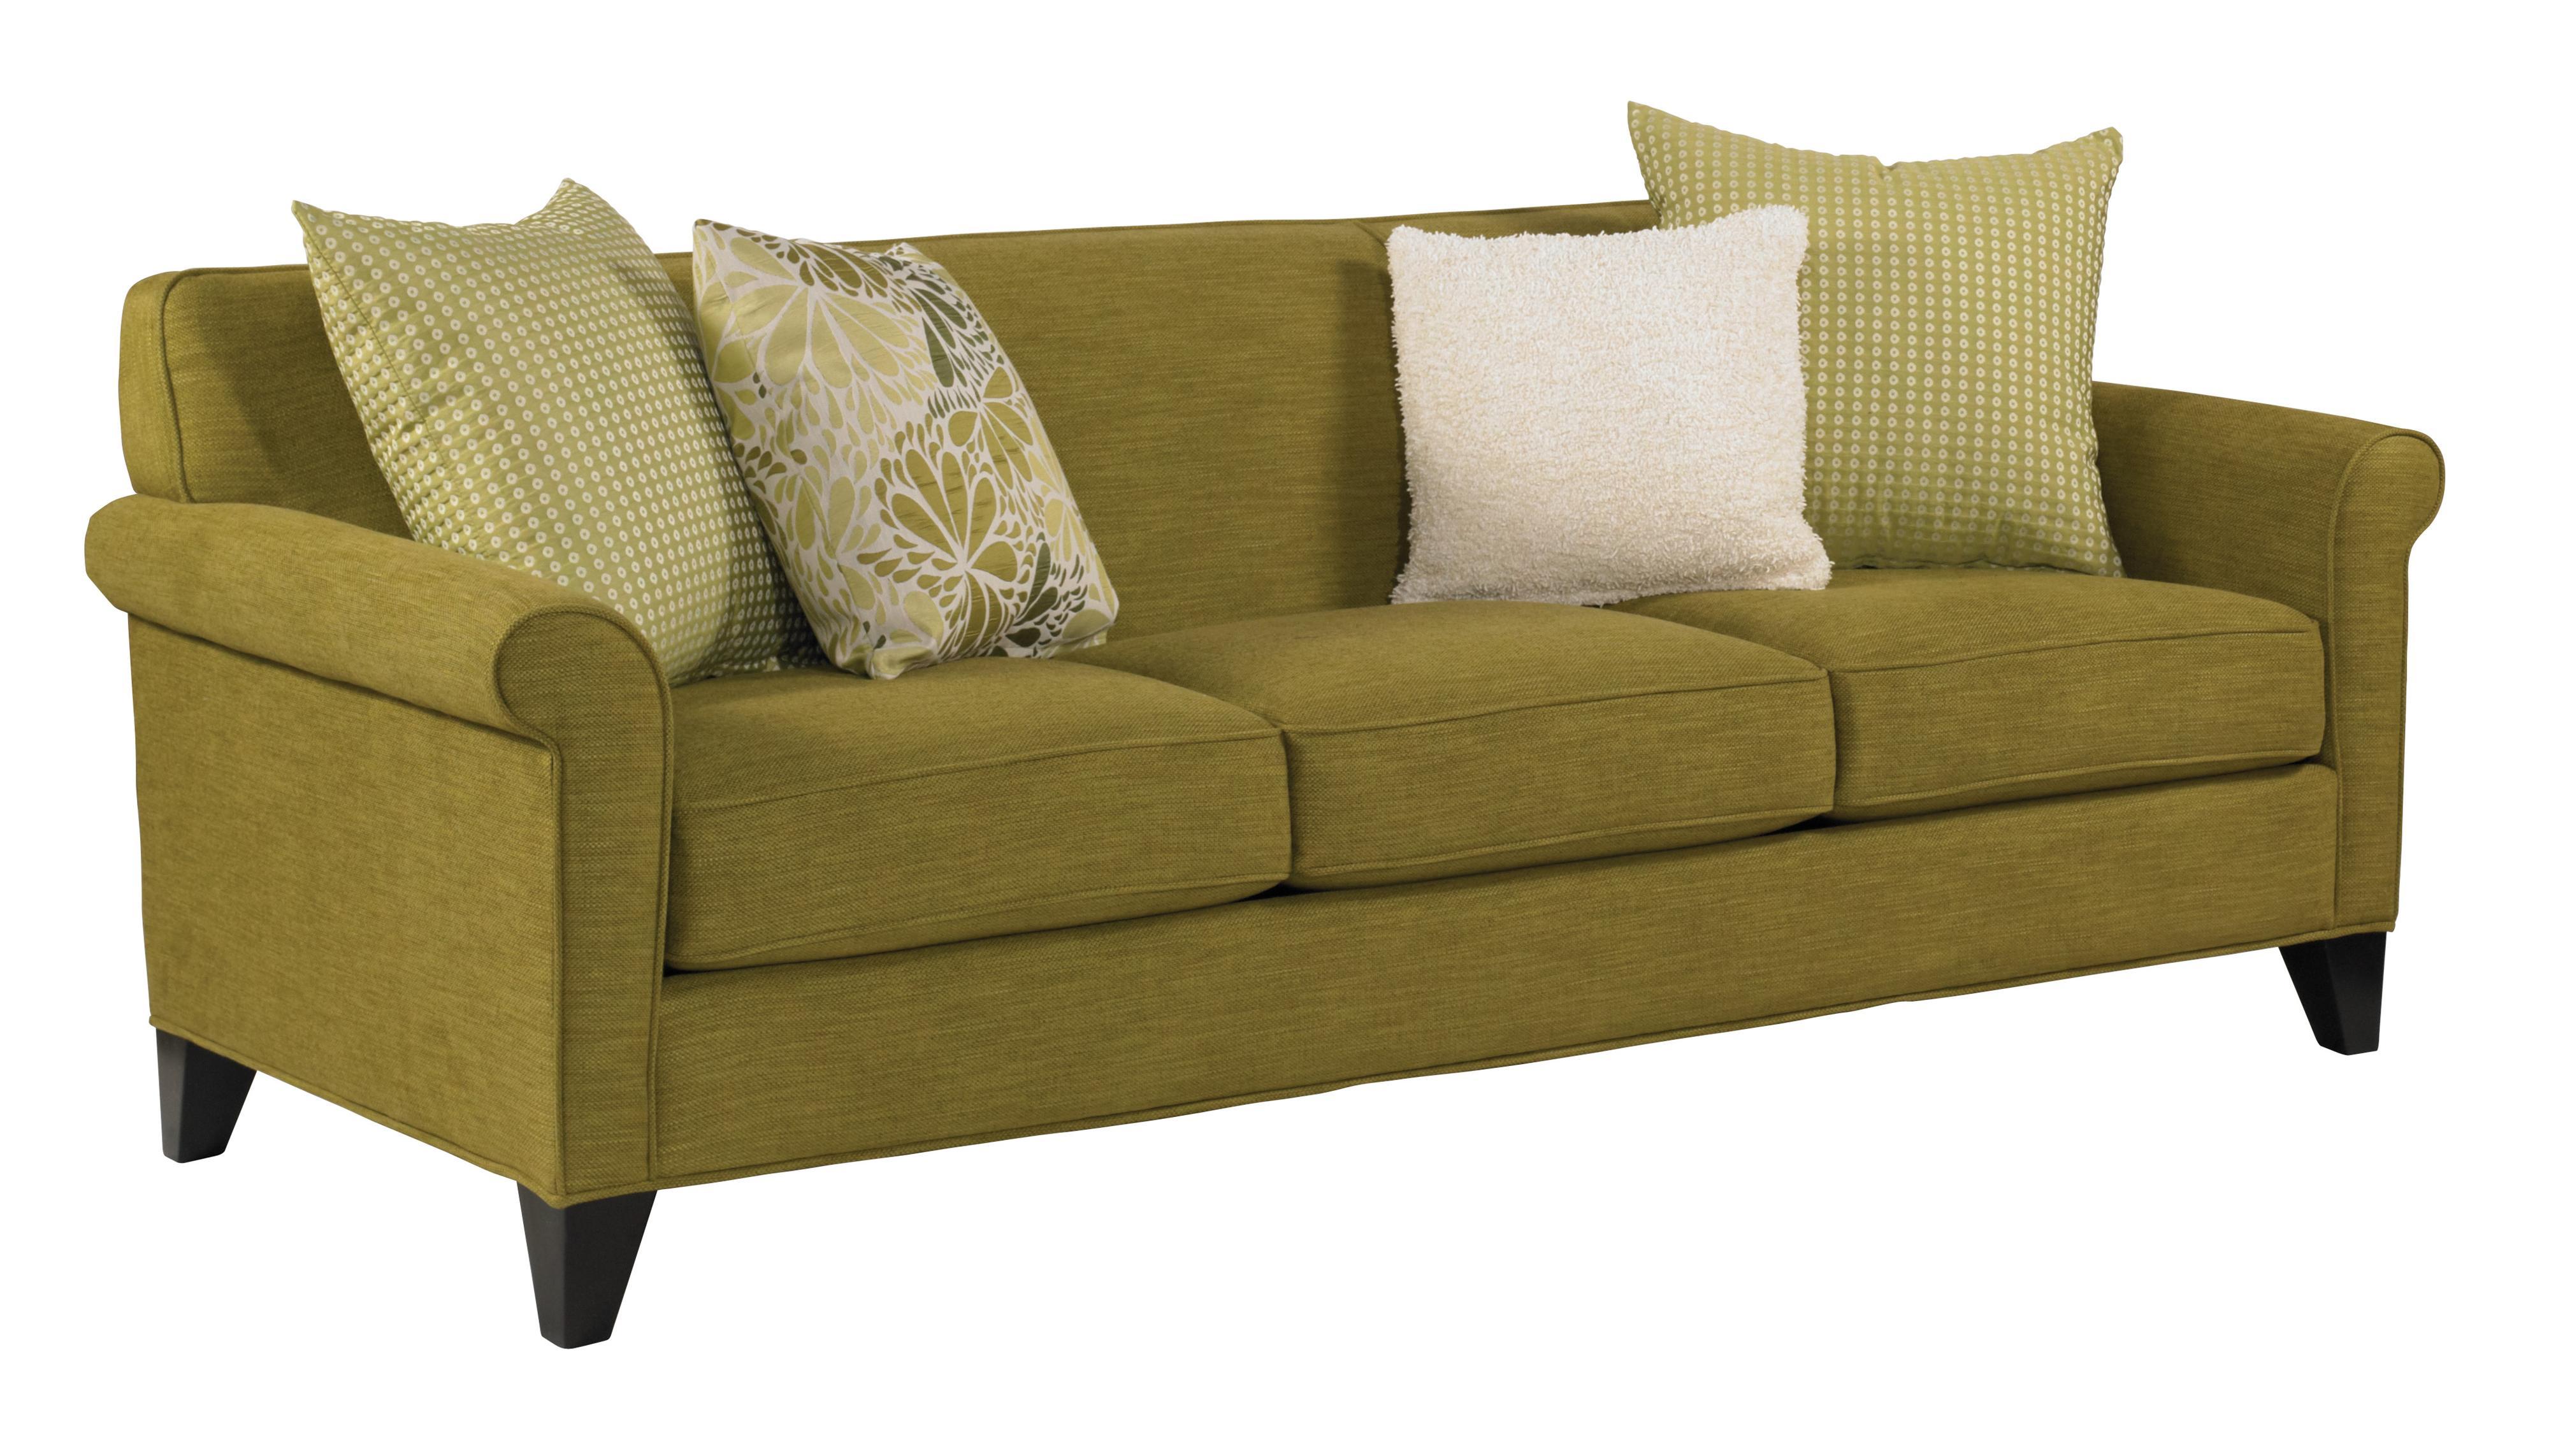 Selma Stationary Sofa by Jonathan Louis at Fashion Furniture